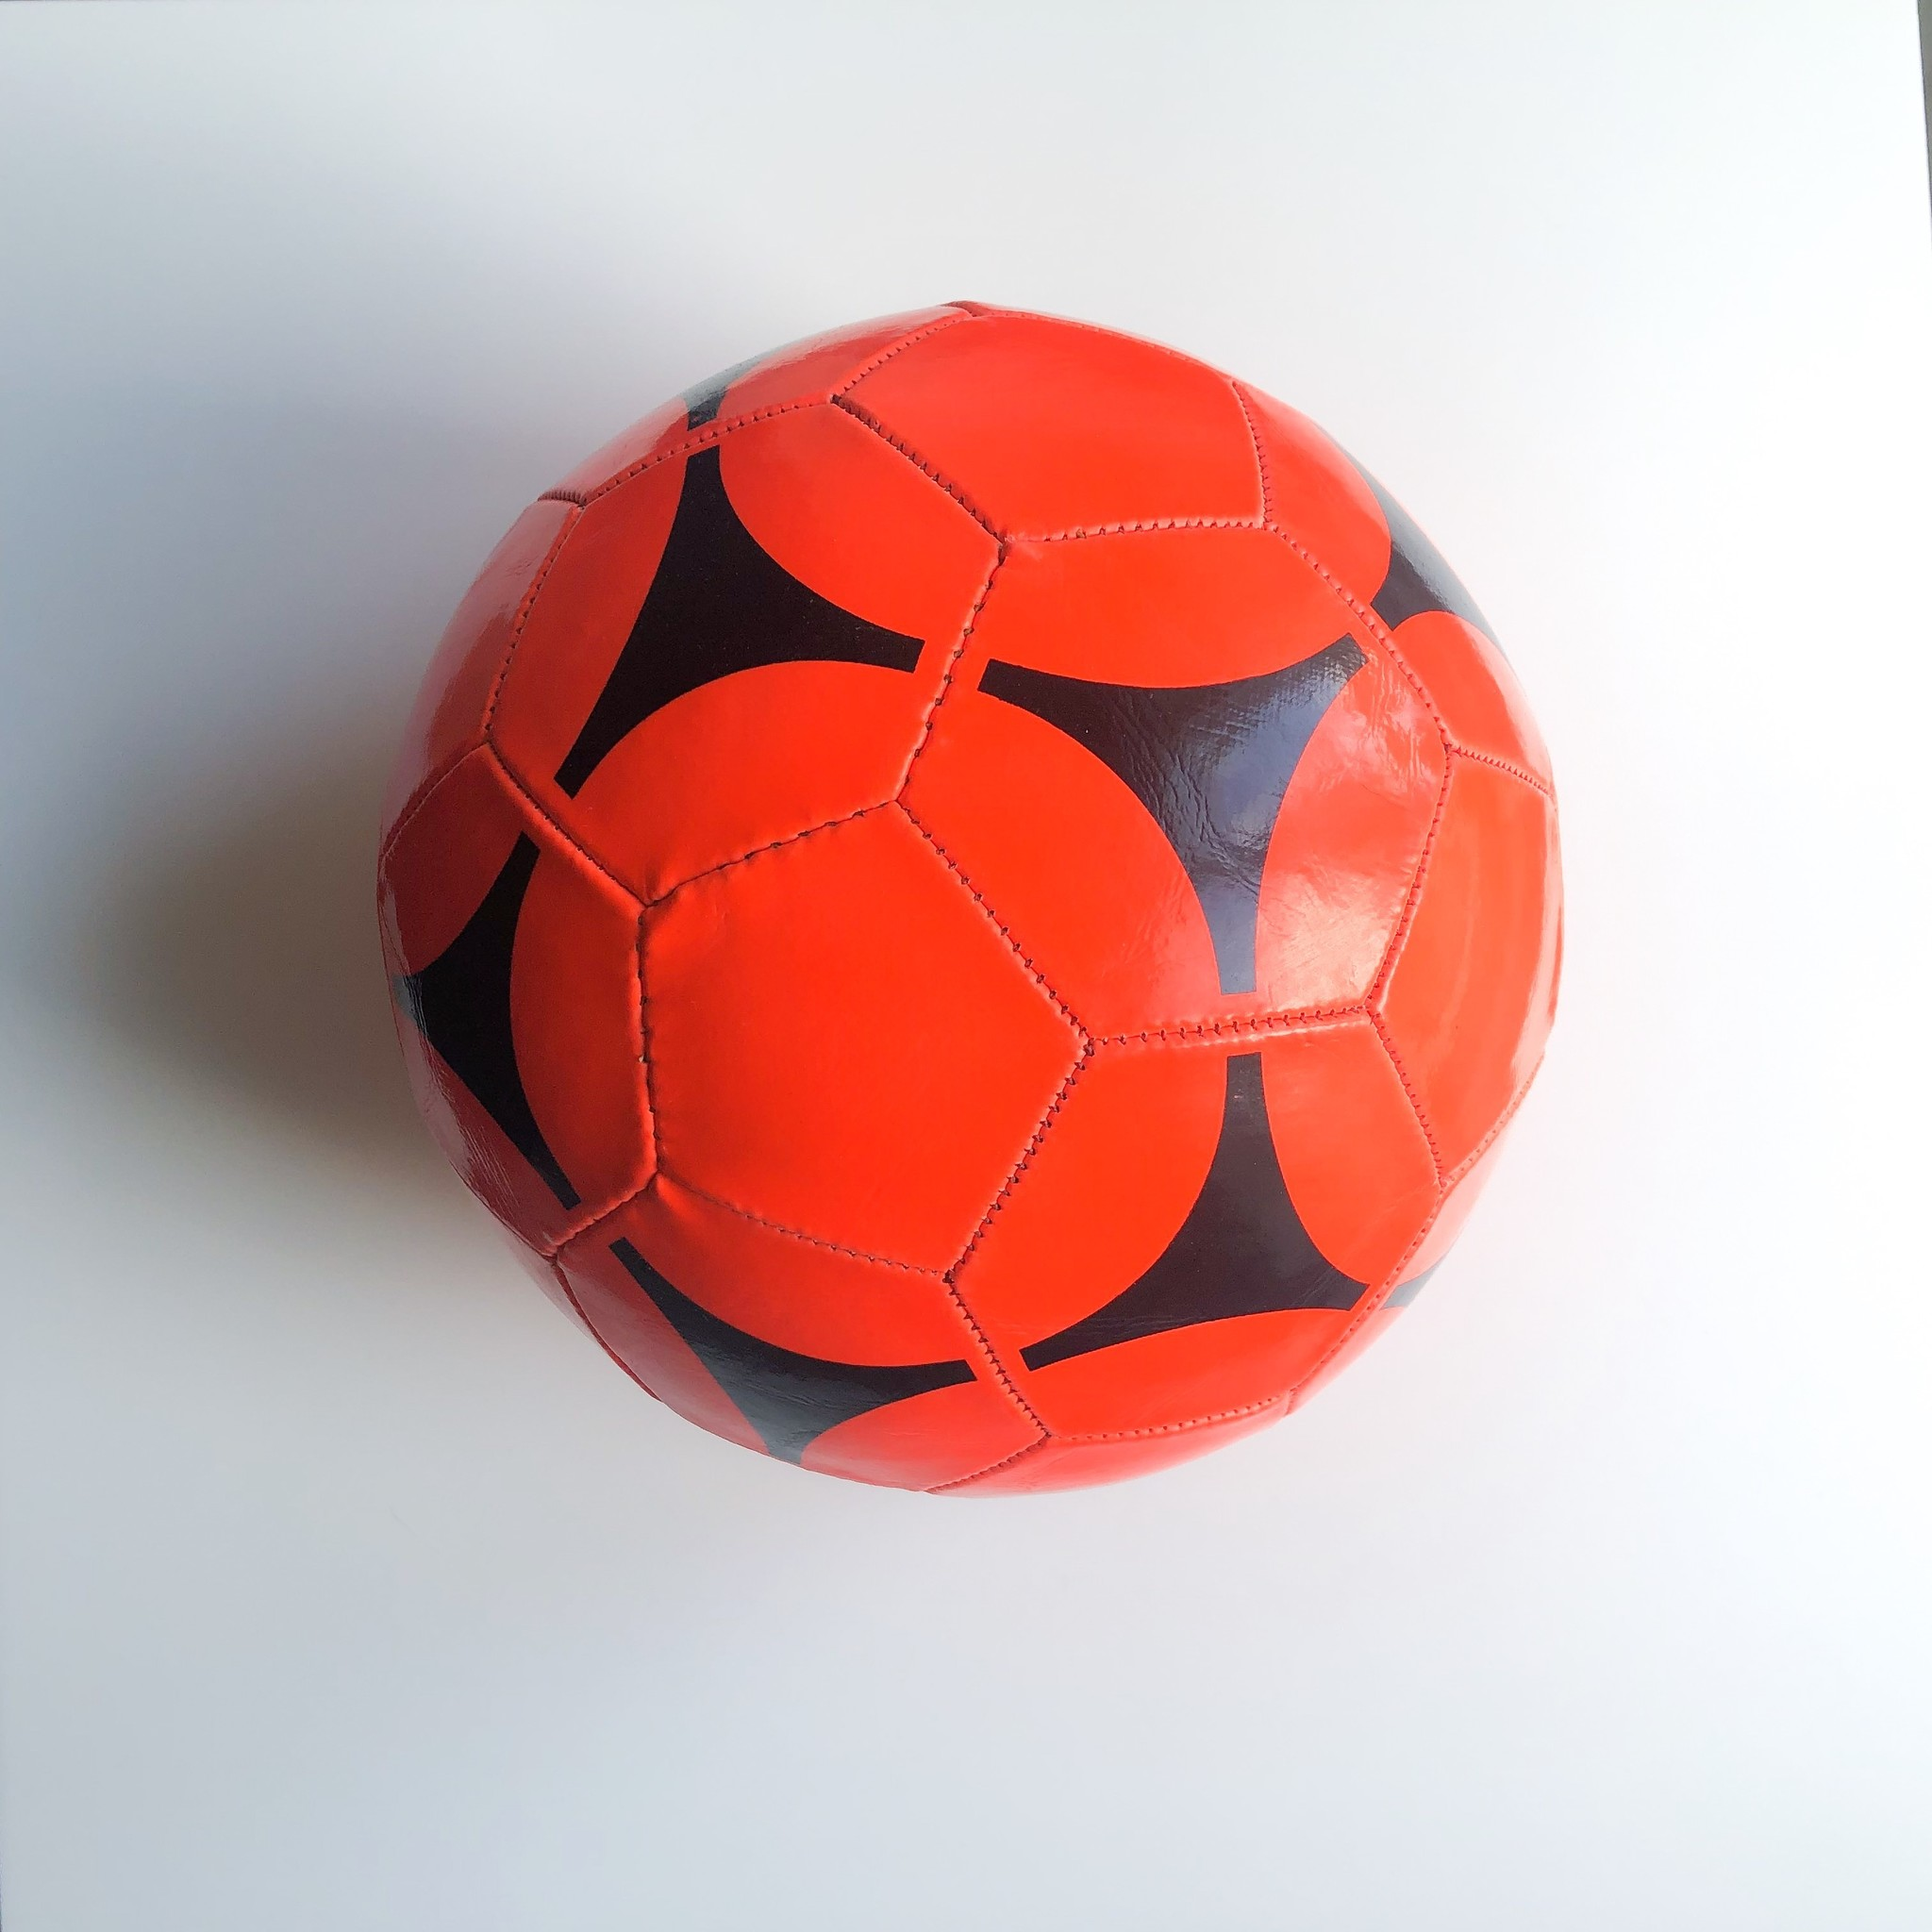 Ballon en simili-cuir, mix couleurs, par 6 pcs, non-gonflé, avec pompe à main